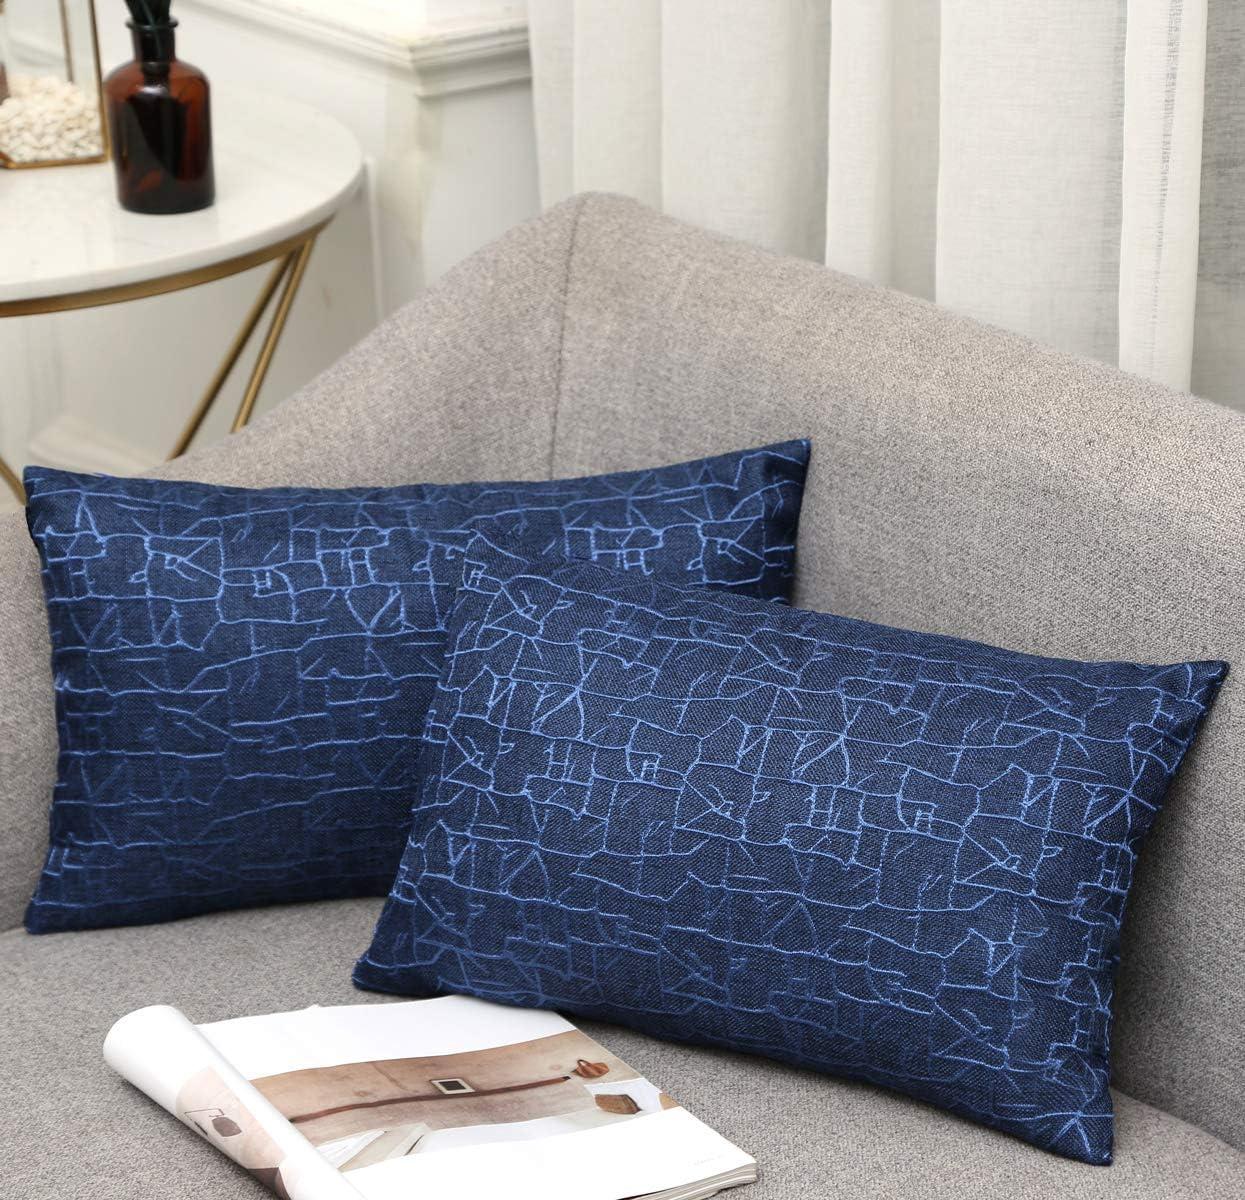 Vioaplem - Funda de cojín bordada de algodón, lino, para sofá, dormitorio, hogar, 45 x 45 cm, azul marino, 30 x 50 cm,2 stück